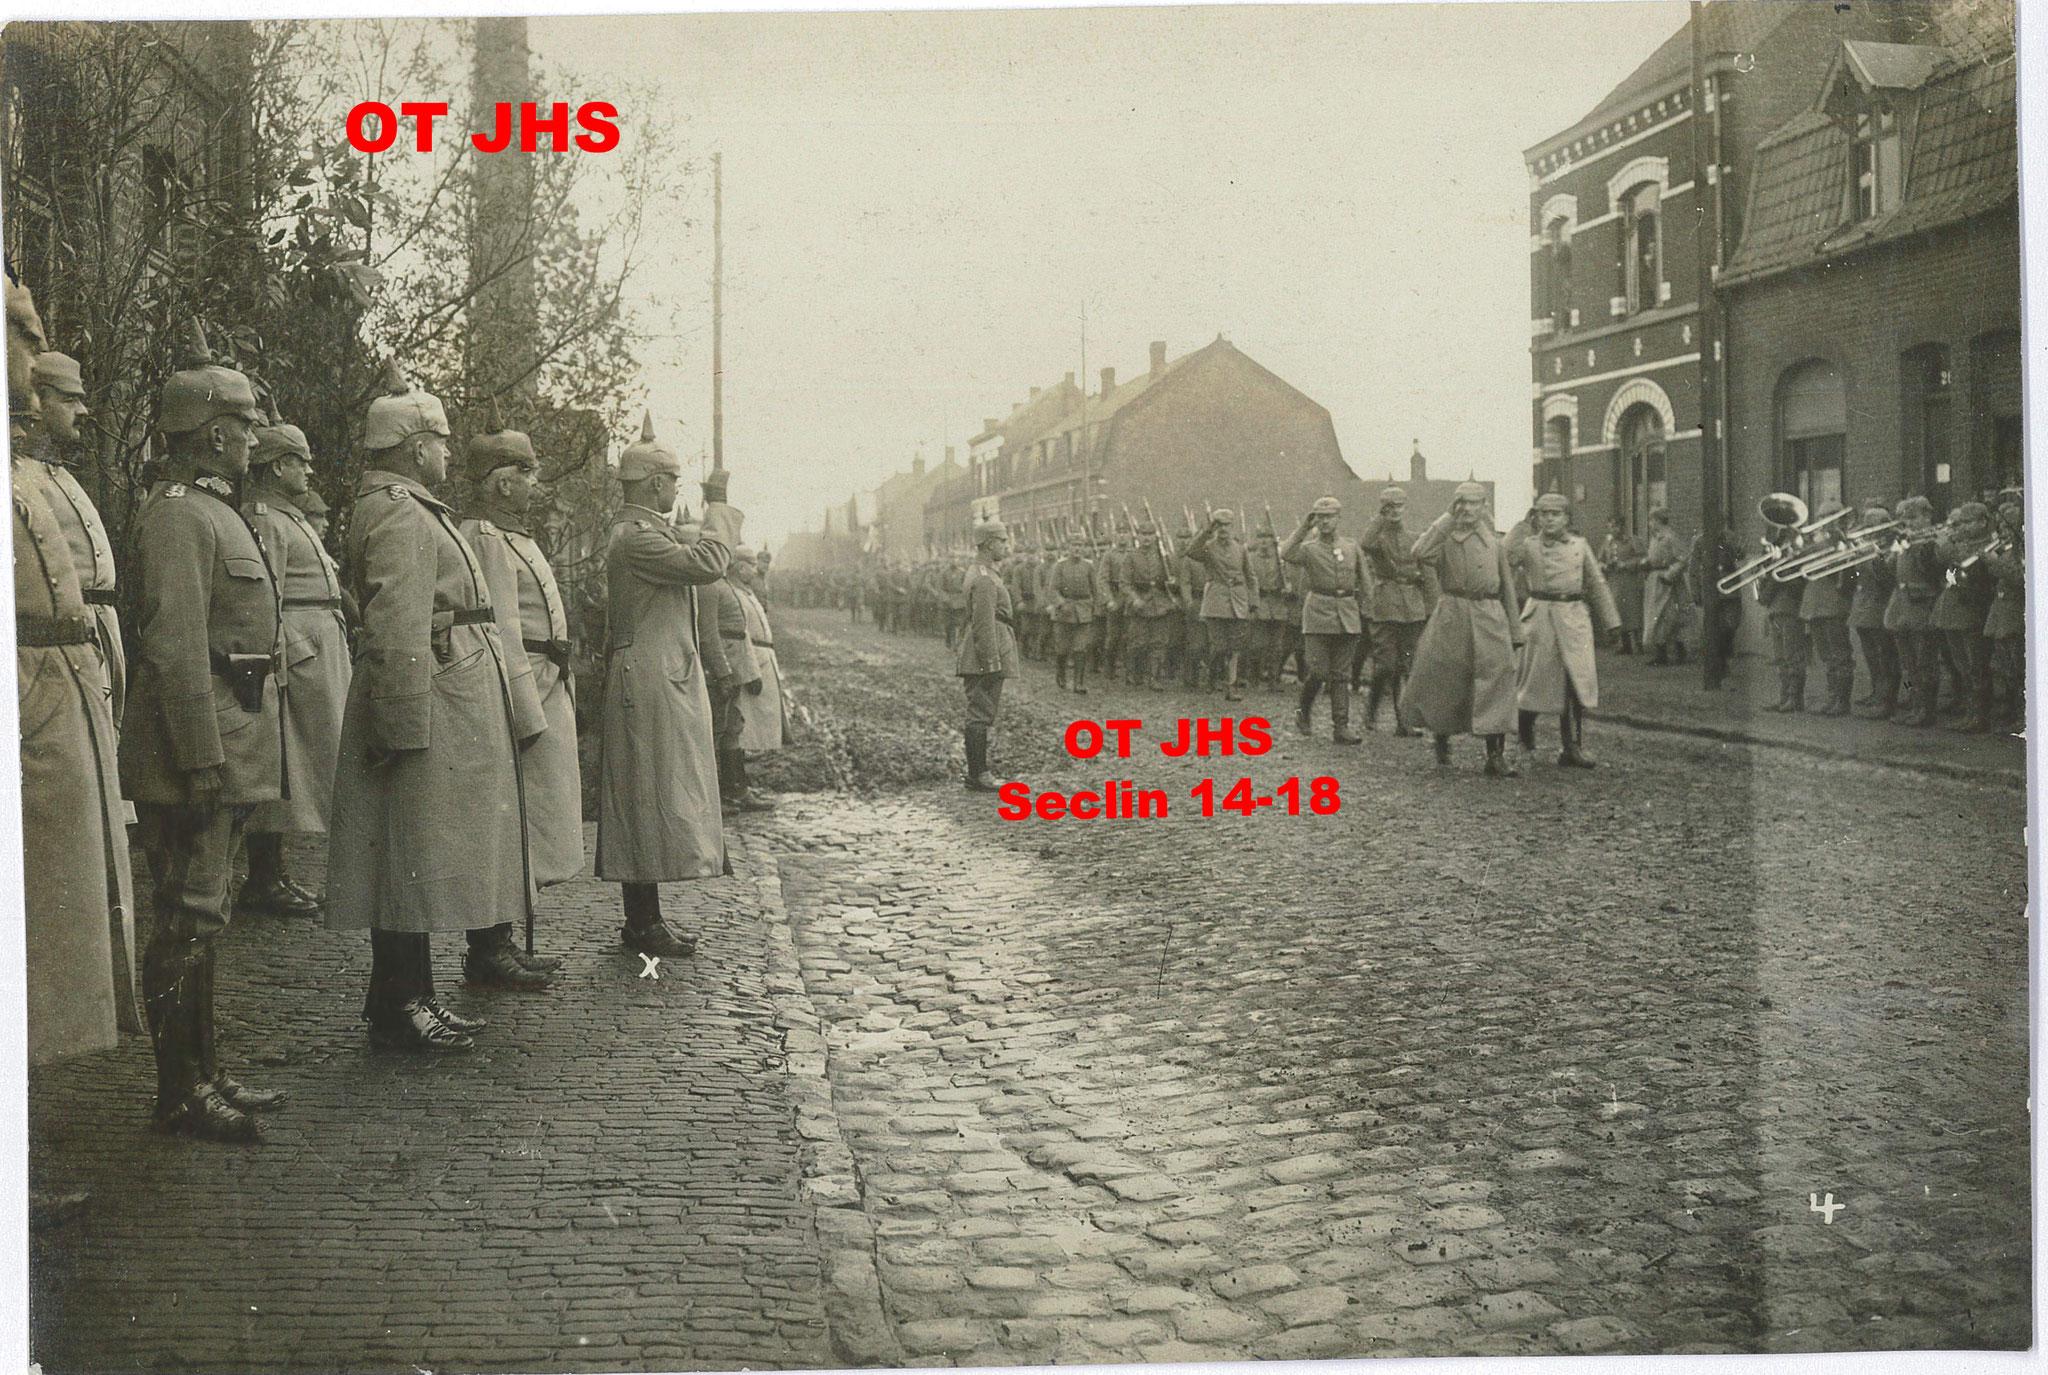 Parade, Novembre 1915 - Seclin ? lieu indéterminé - par Rupprecht Von Bayern & Von François (crédit : OT JHS - reproduction interdie)